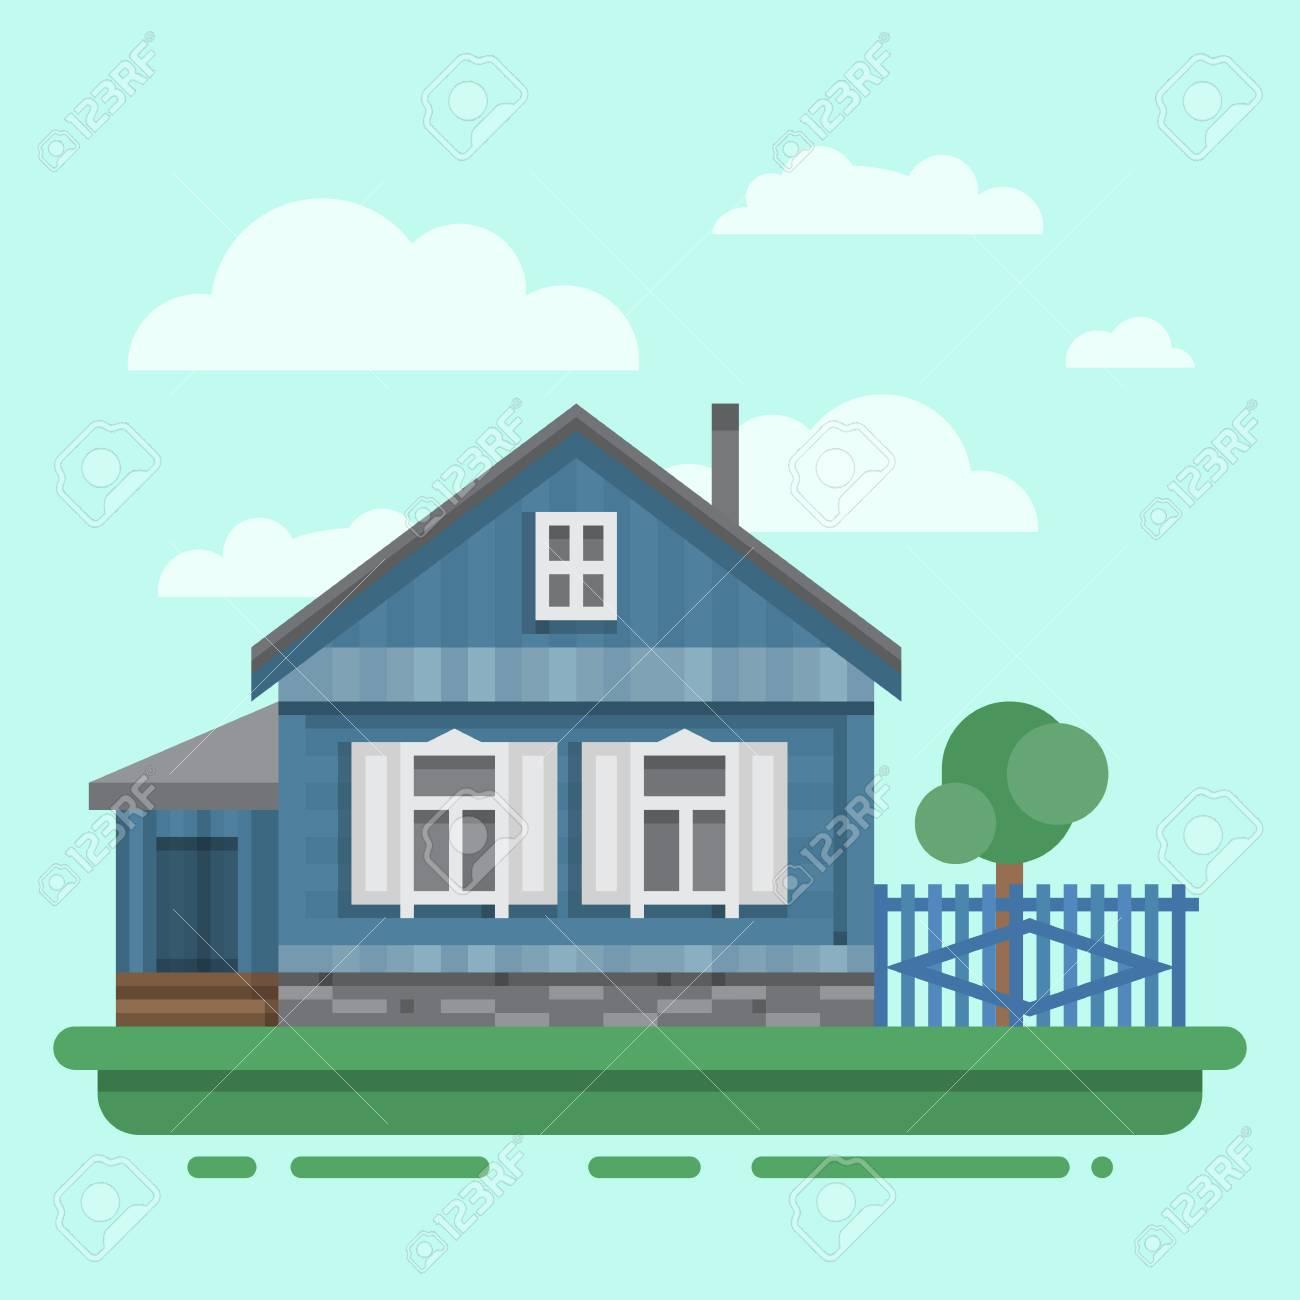 Fabelhaft Russisches Holzhaus Sammlung Von Land Altes Blaues Mit Zaun, Bäume. Bunte